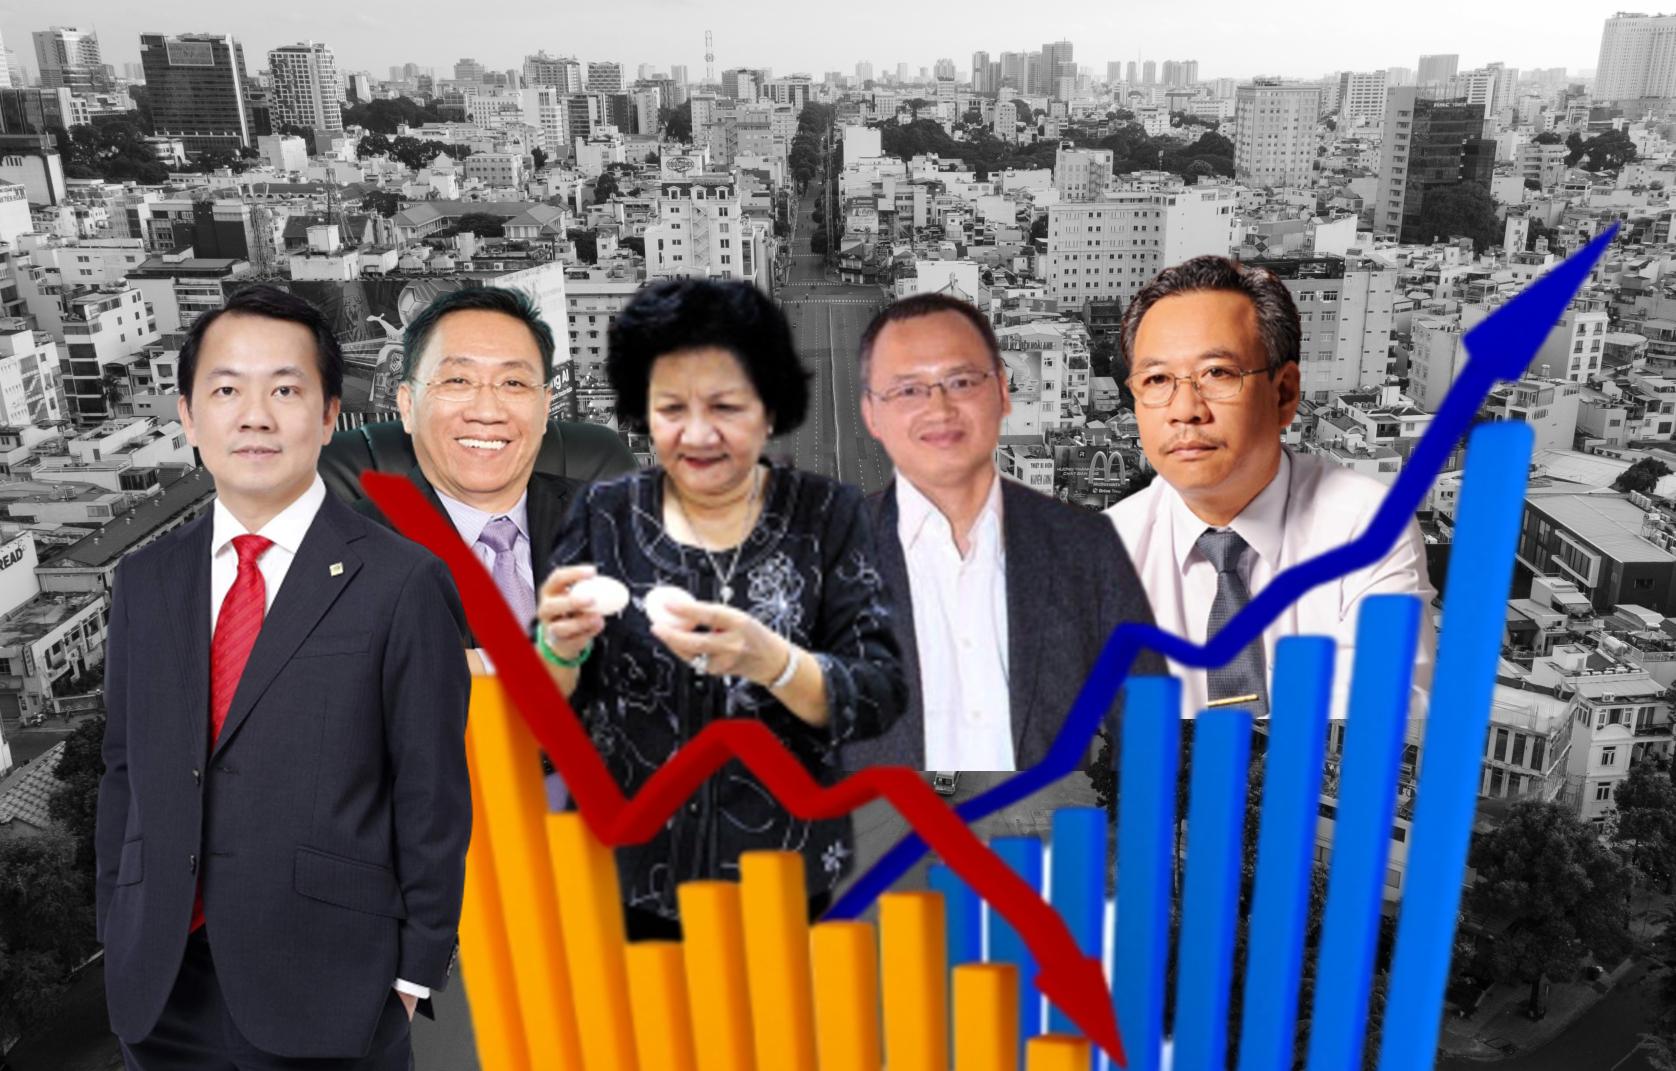 Từ trái sang, ông Nguyễn Anh Đức, ông Nguyễn Lâm Viên, bà Nguyễn Thị Huân, ông Nguyễn Đắc Việt Dũng và ông Nguyễn Ngọc An. Ảnh các công ty cung cấp